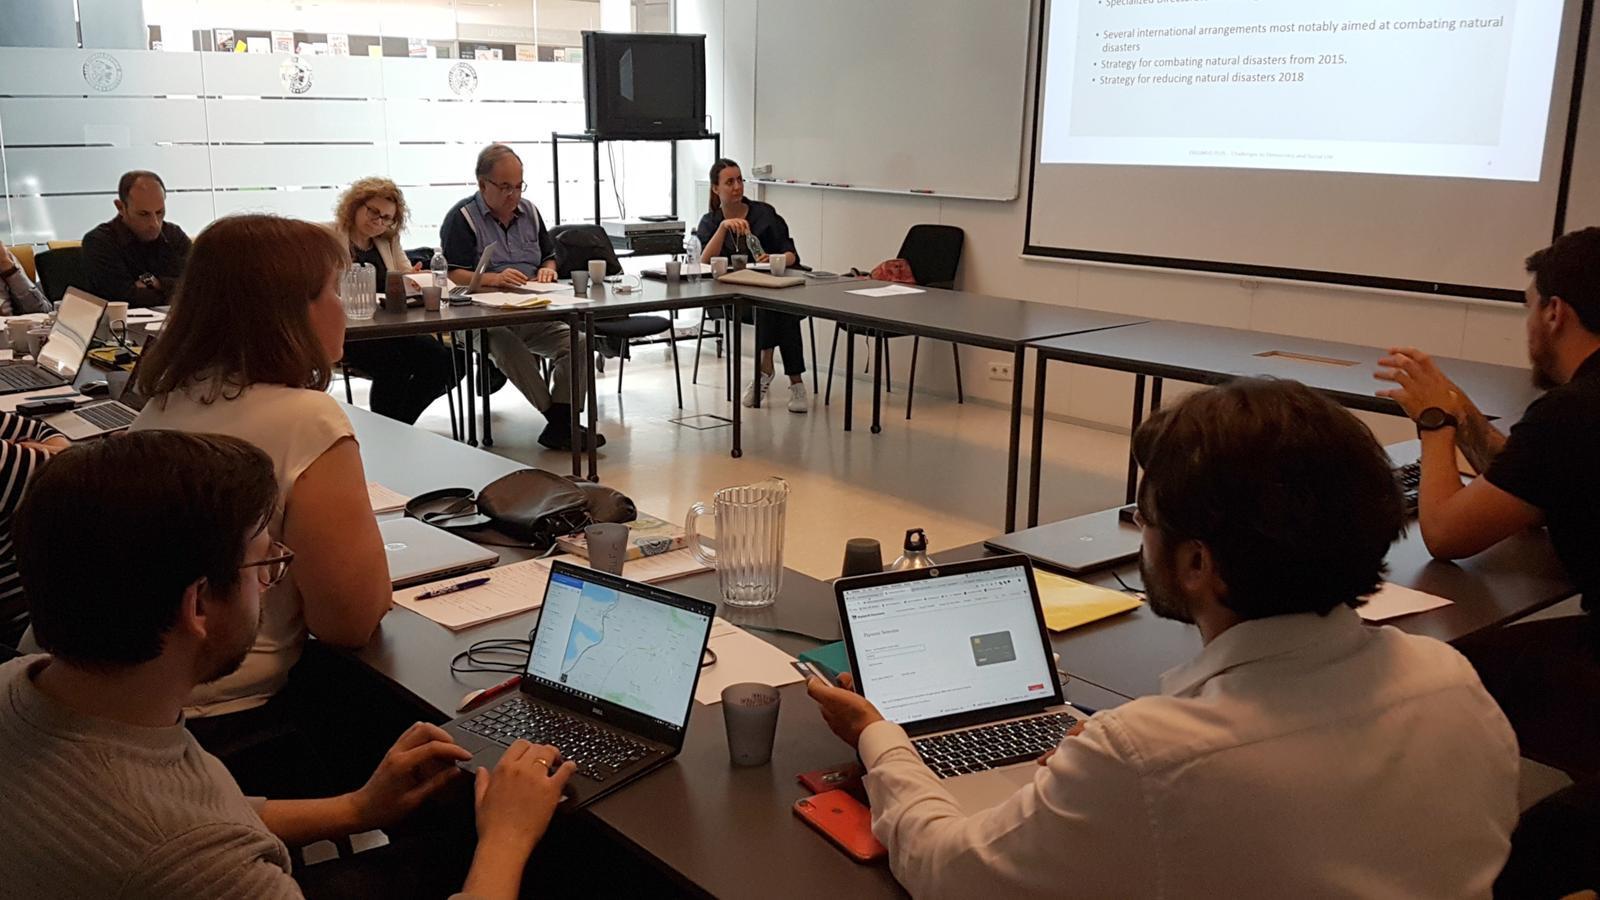 Darrera reunió del projecte celebrada a Reykjavik el 21 de juny. / UDA